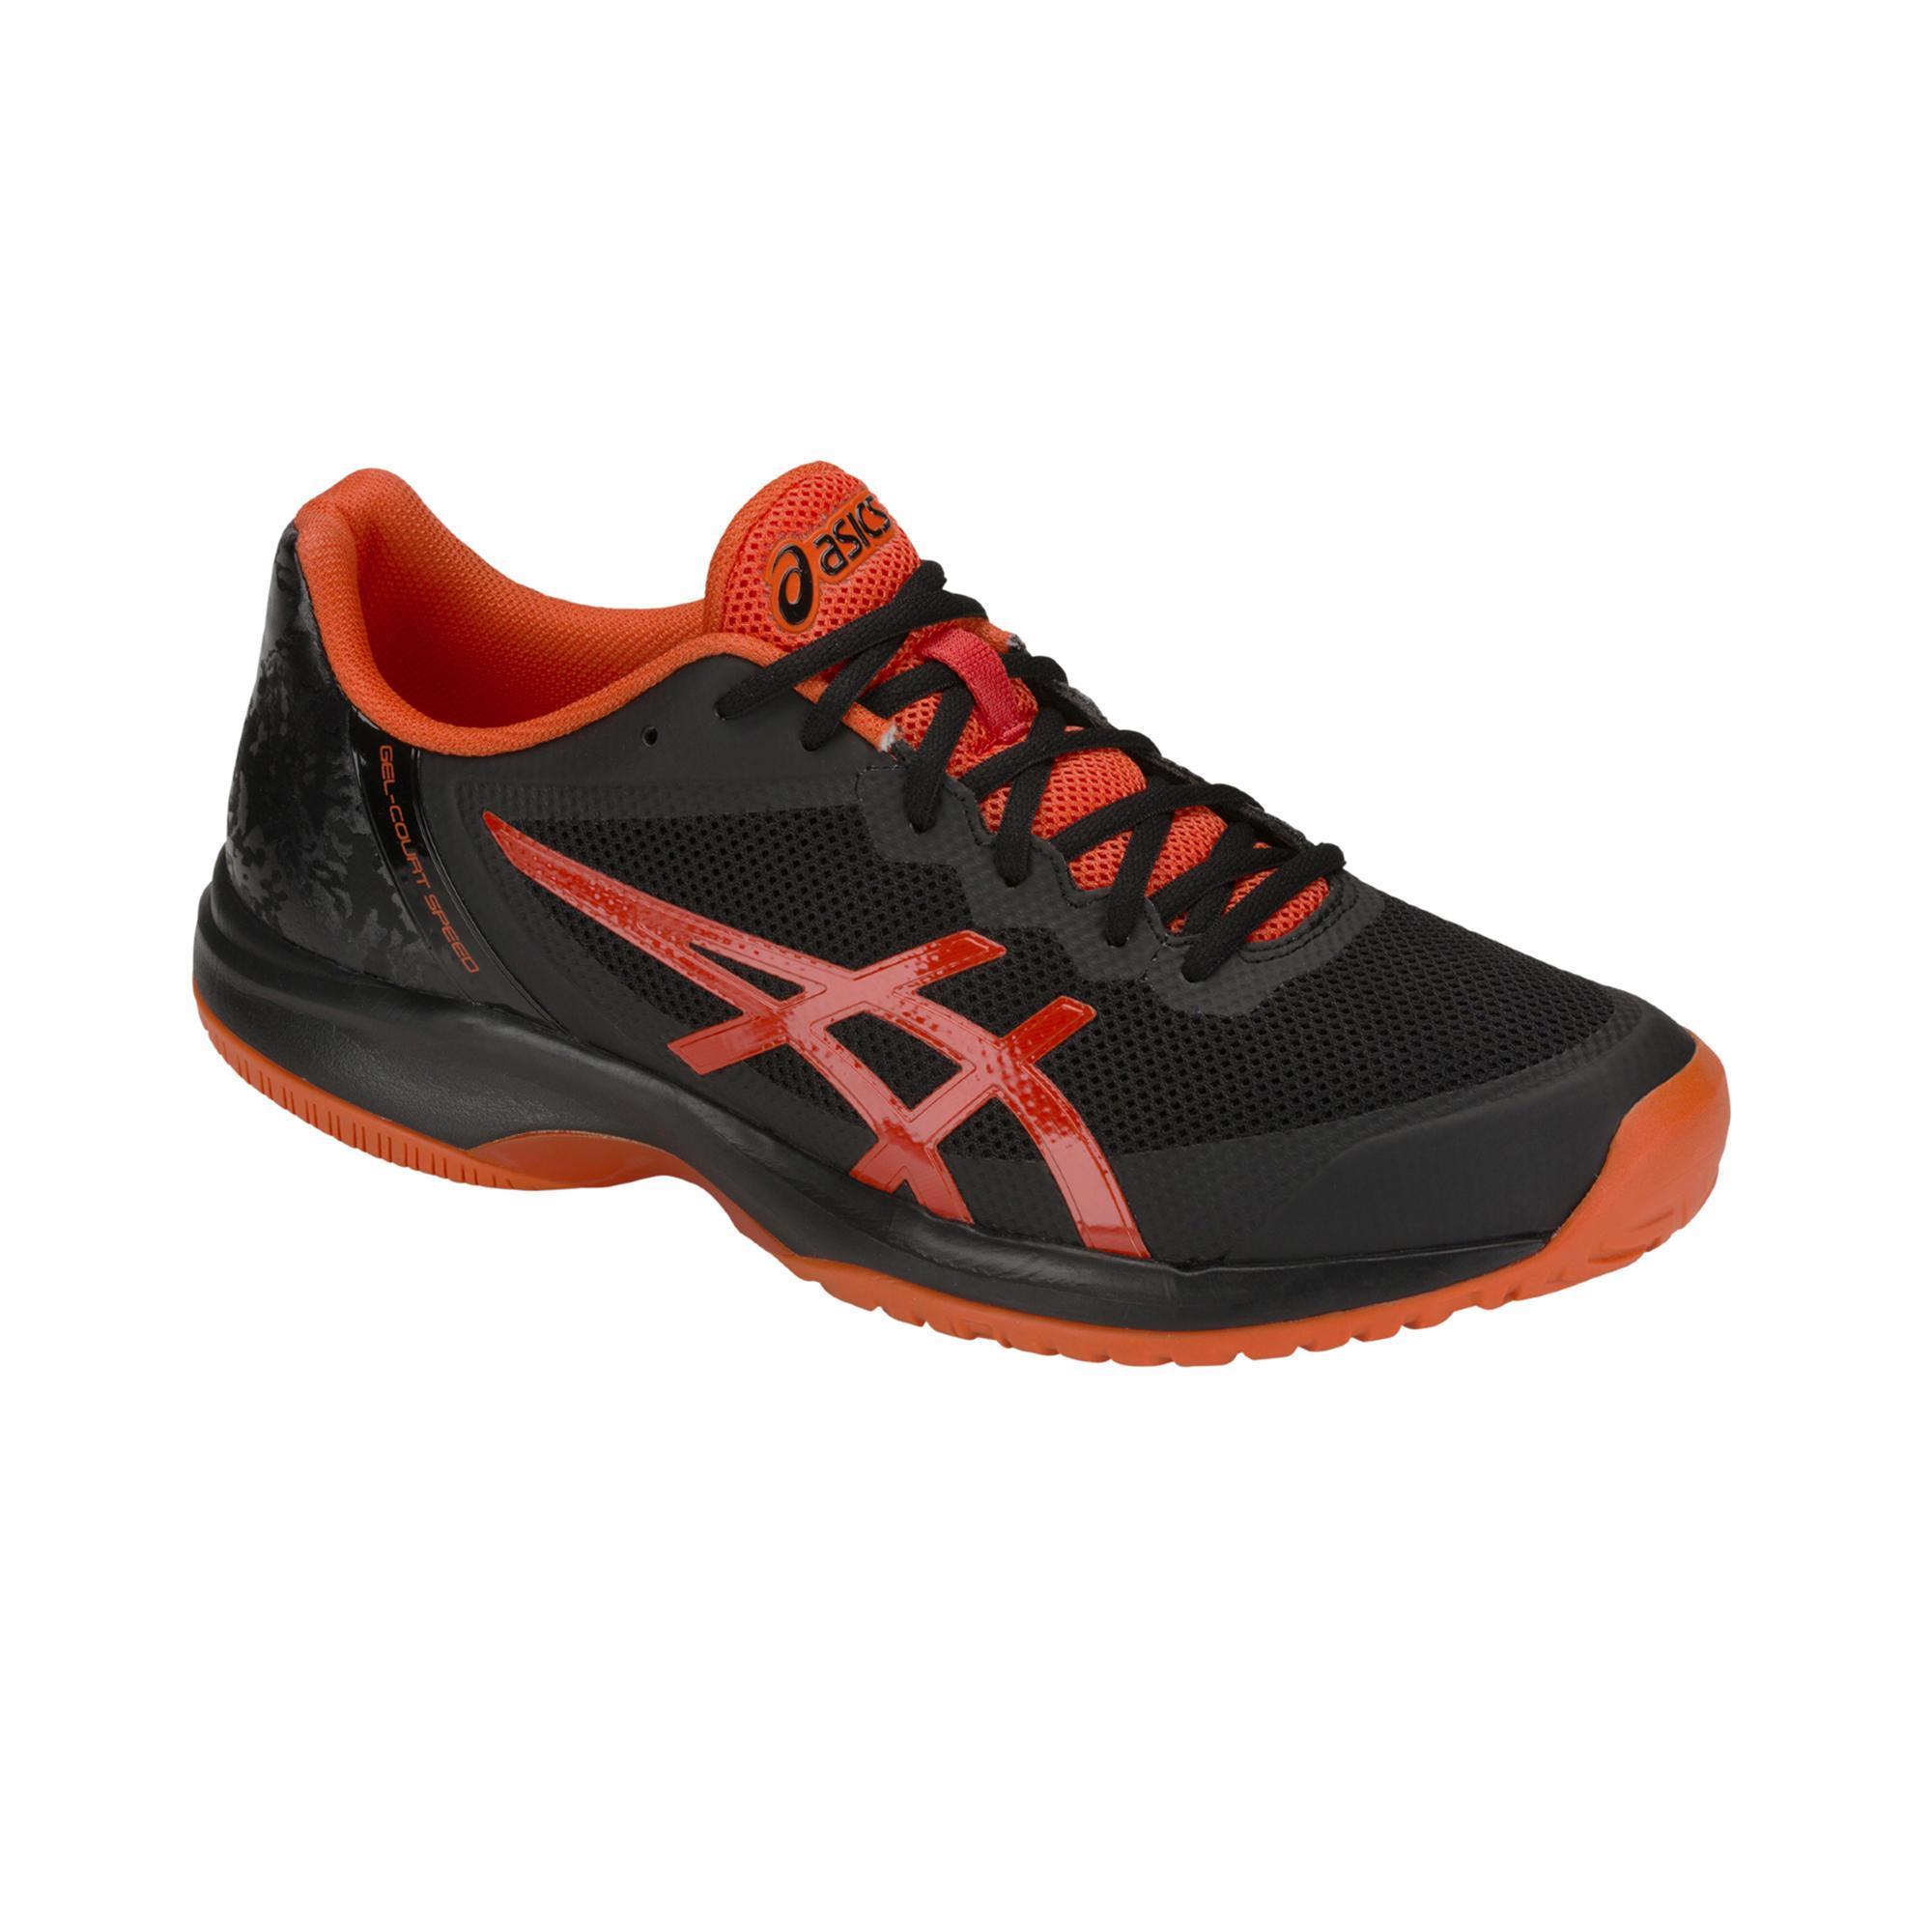 5ed5974c Comprar Zapatillas y calzado de tenis hombre | Decathlon